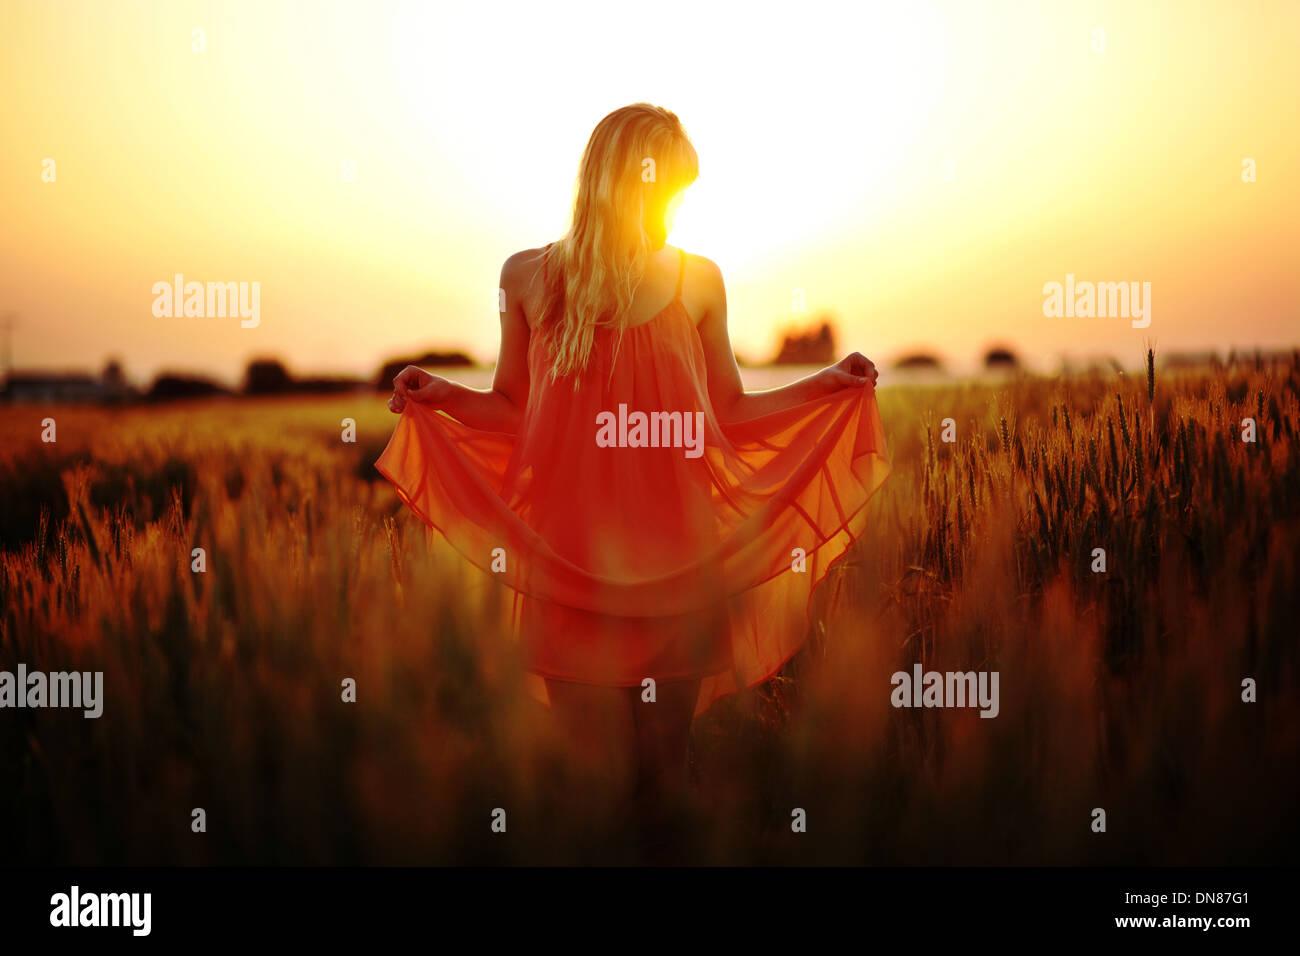 Robe femme debout dans le champ de blé au coucher du soleil Photo Stock